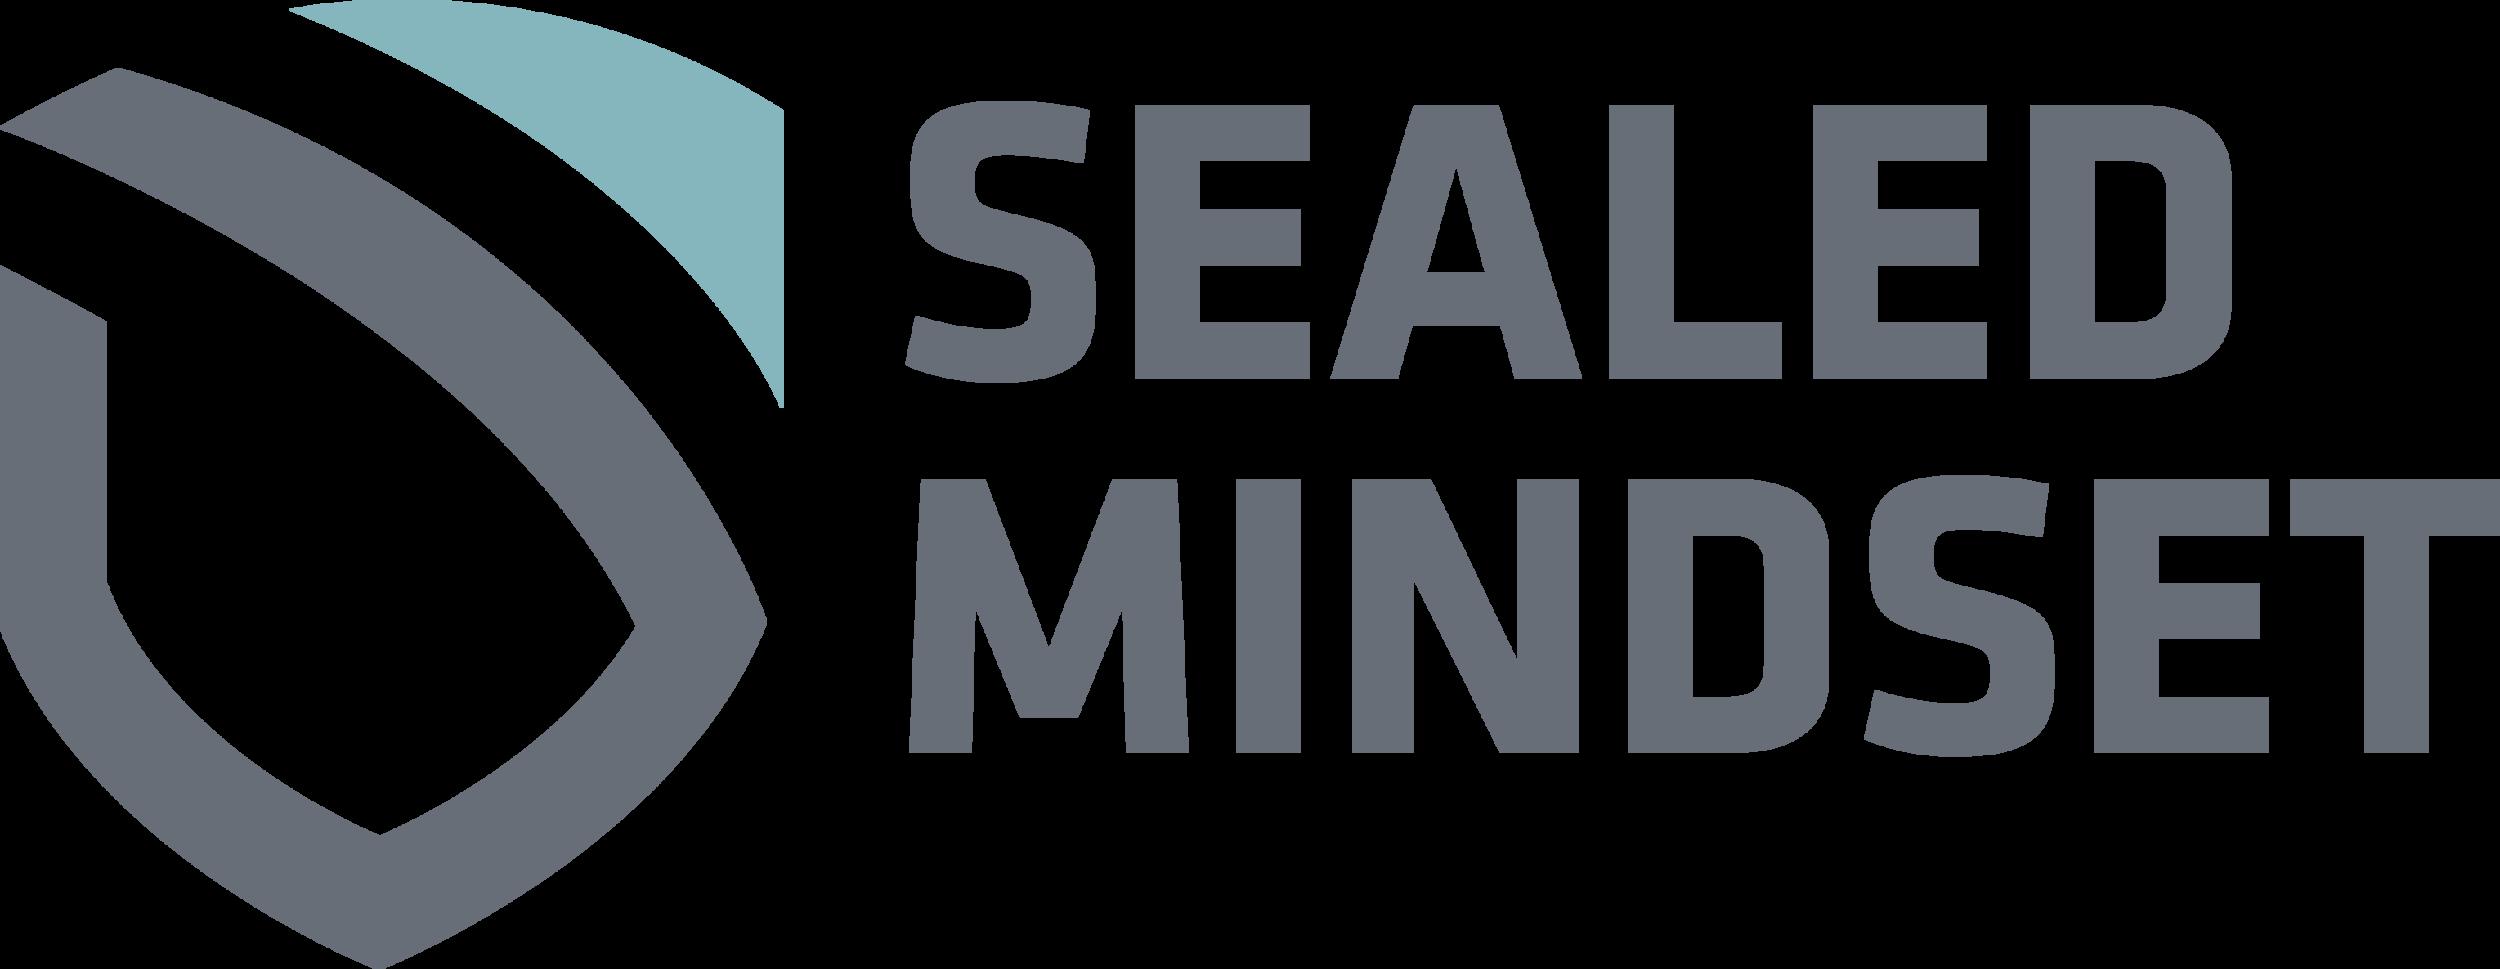 Sealed Mindset FINAL Logo 3.png